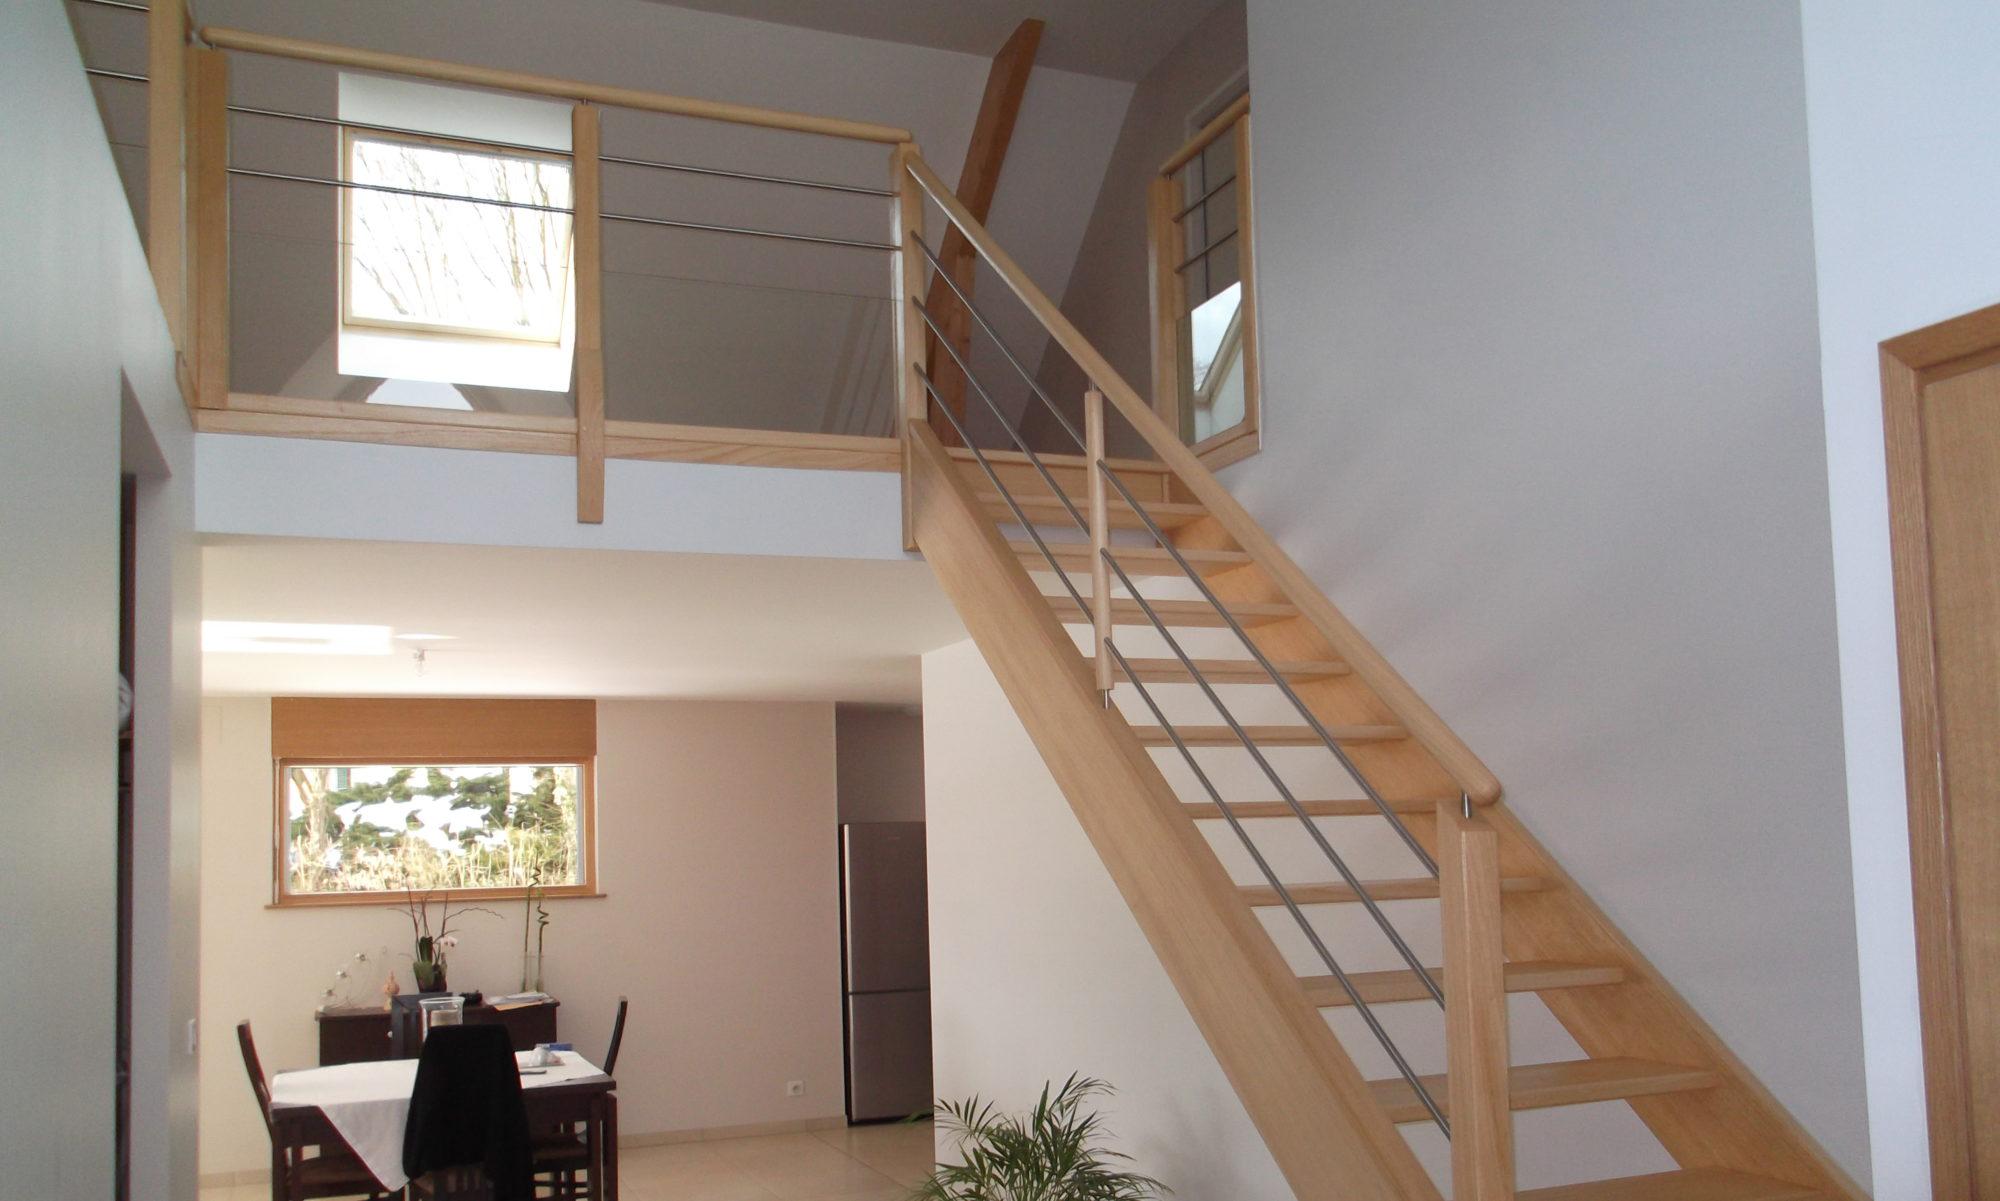 l 39 escalier pas japonais avantages et inconv nients fabricant d 39 escaliers sur mesure. Black Bedroom Furniture Sets. Home Design Ideas